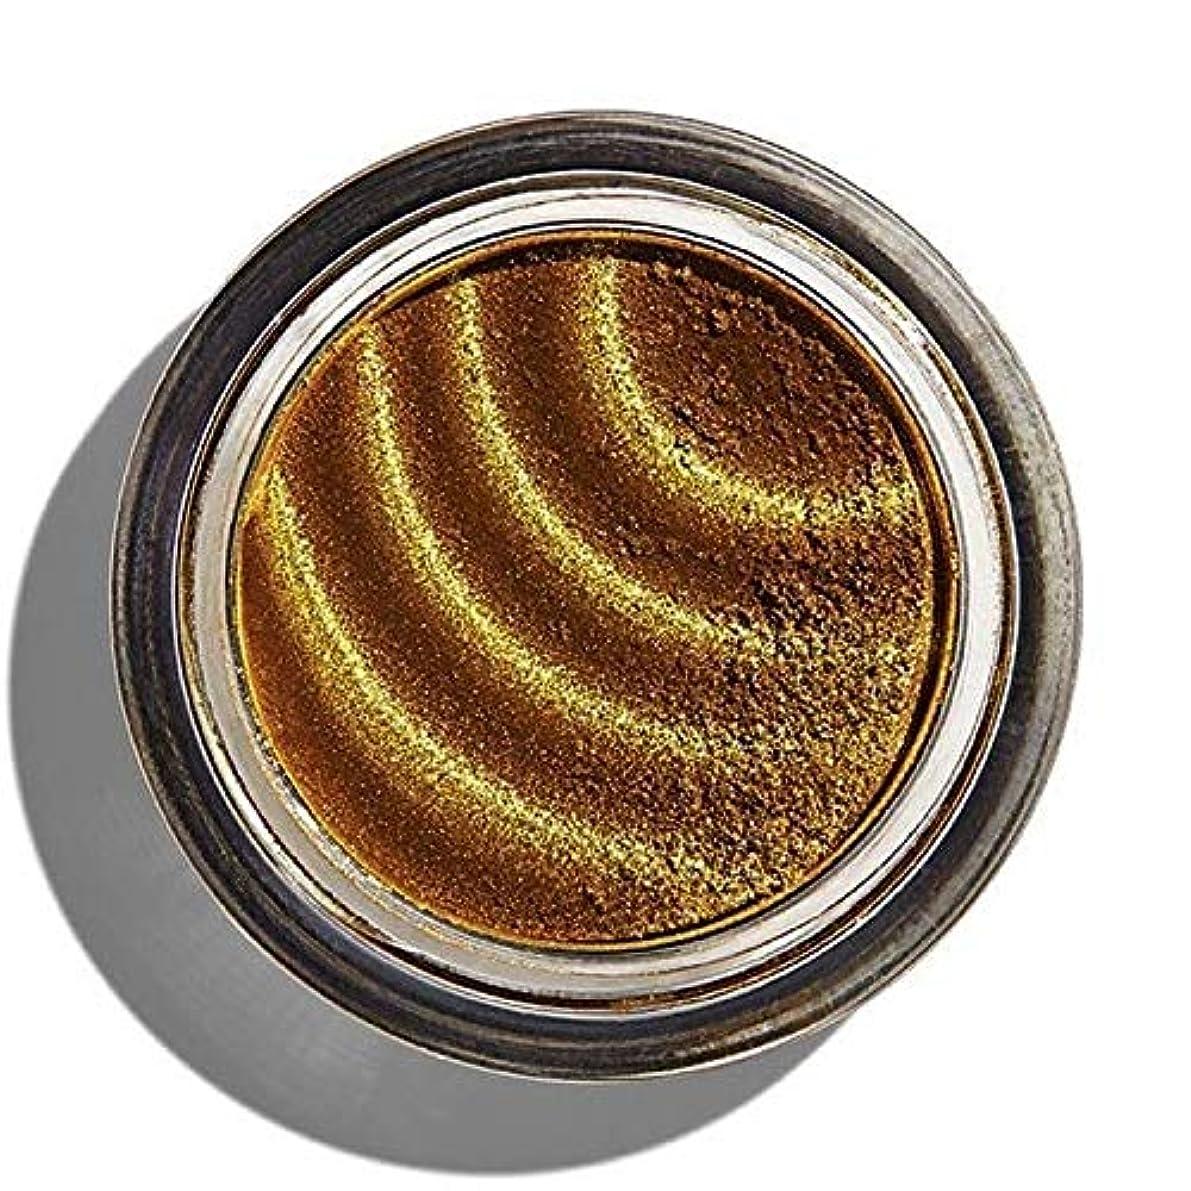 事前に原告マイクロフォン[Revolution ] 化粧革命磁化のアイシャドウゴールド - Makeup Revolution Magnetize Eyeshadow Gold [並行輸入品]